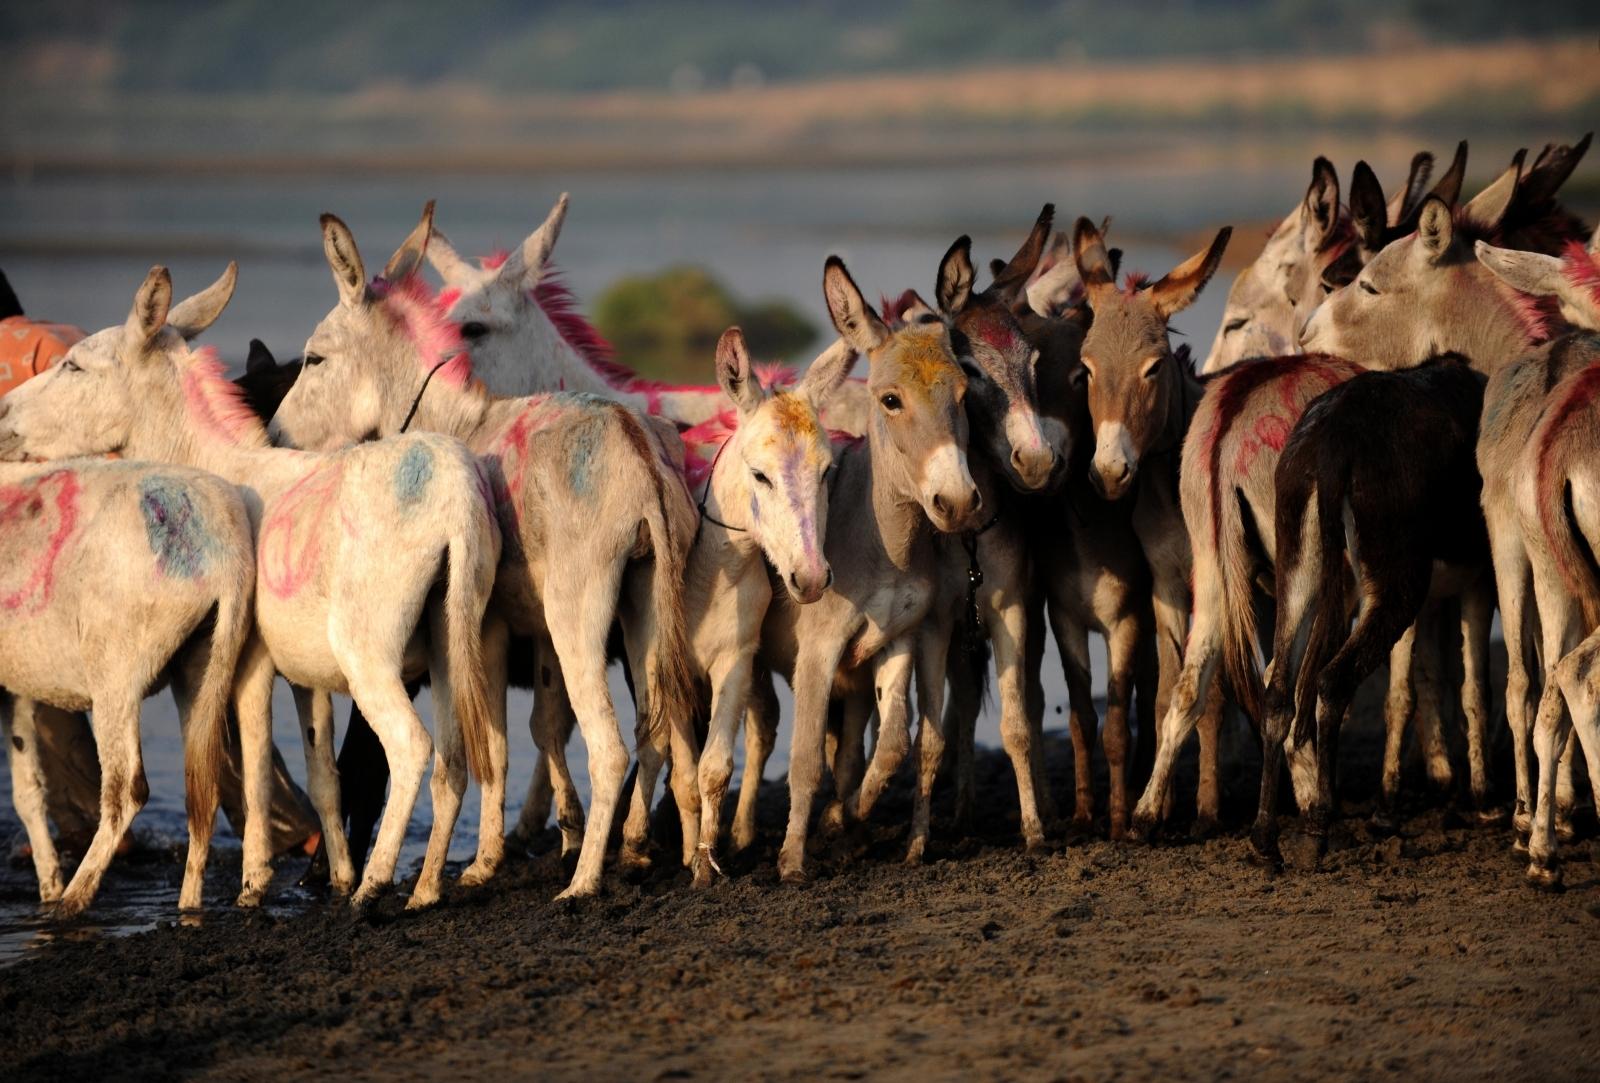 Indian donkeys